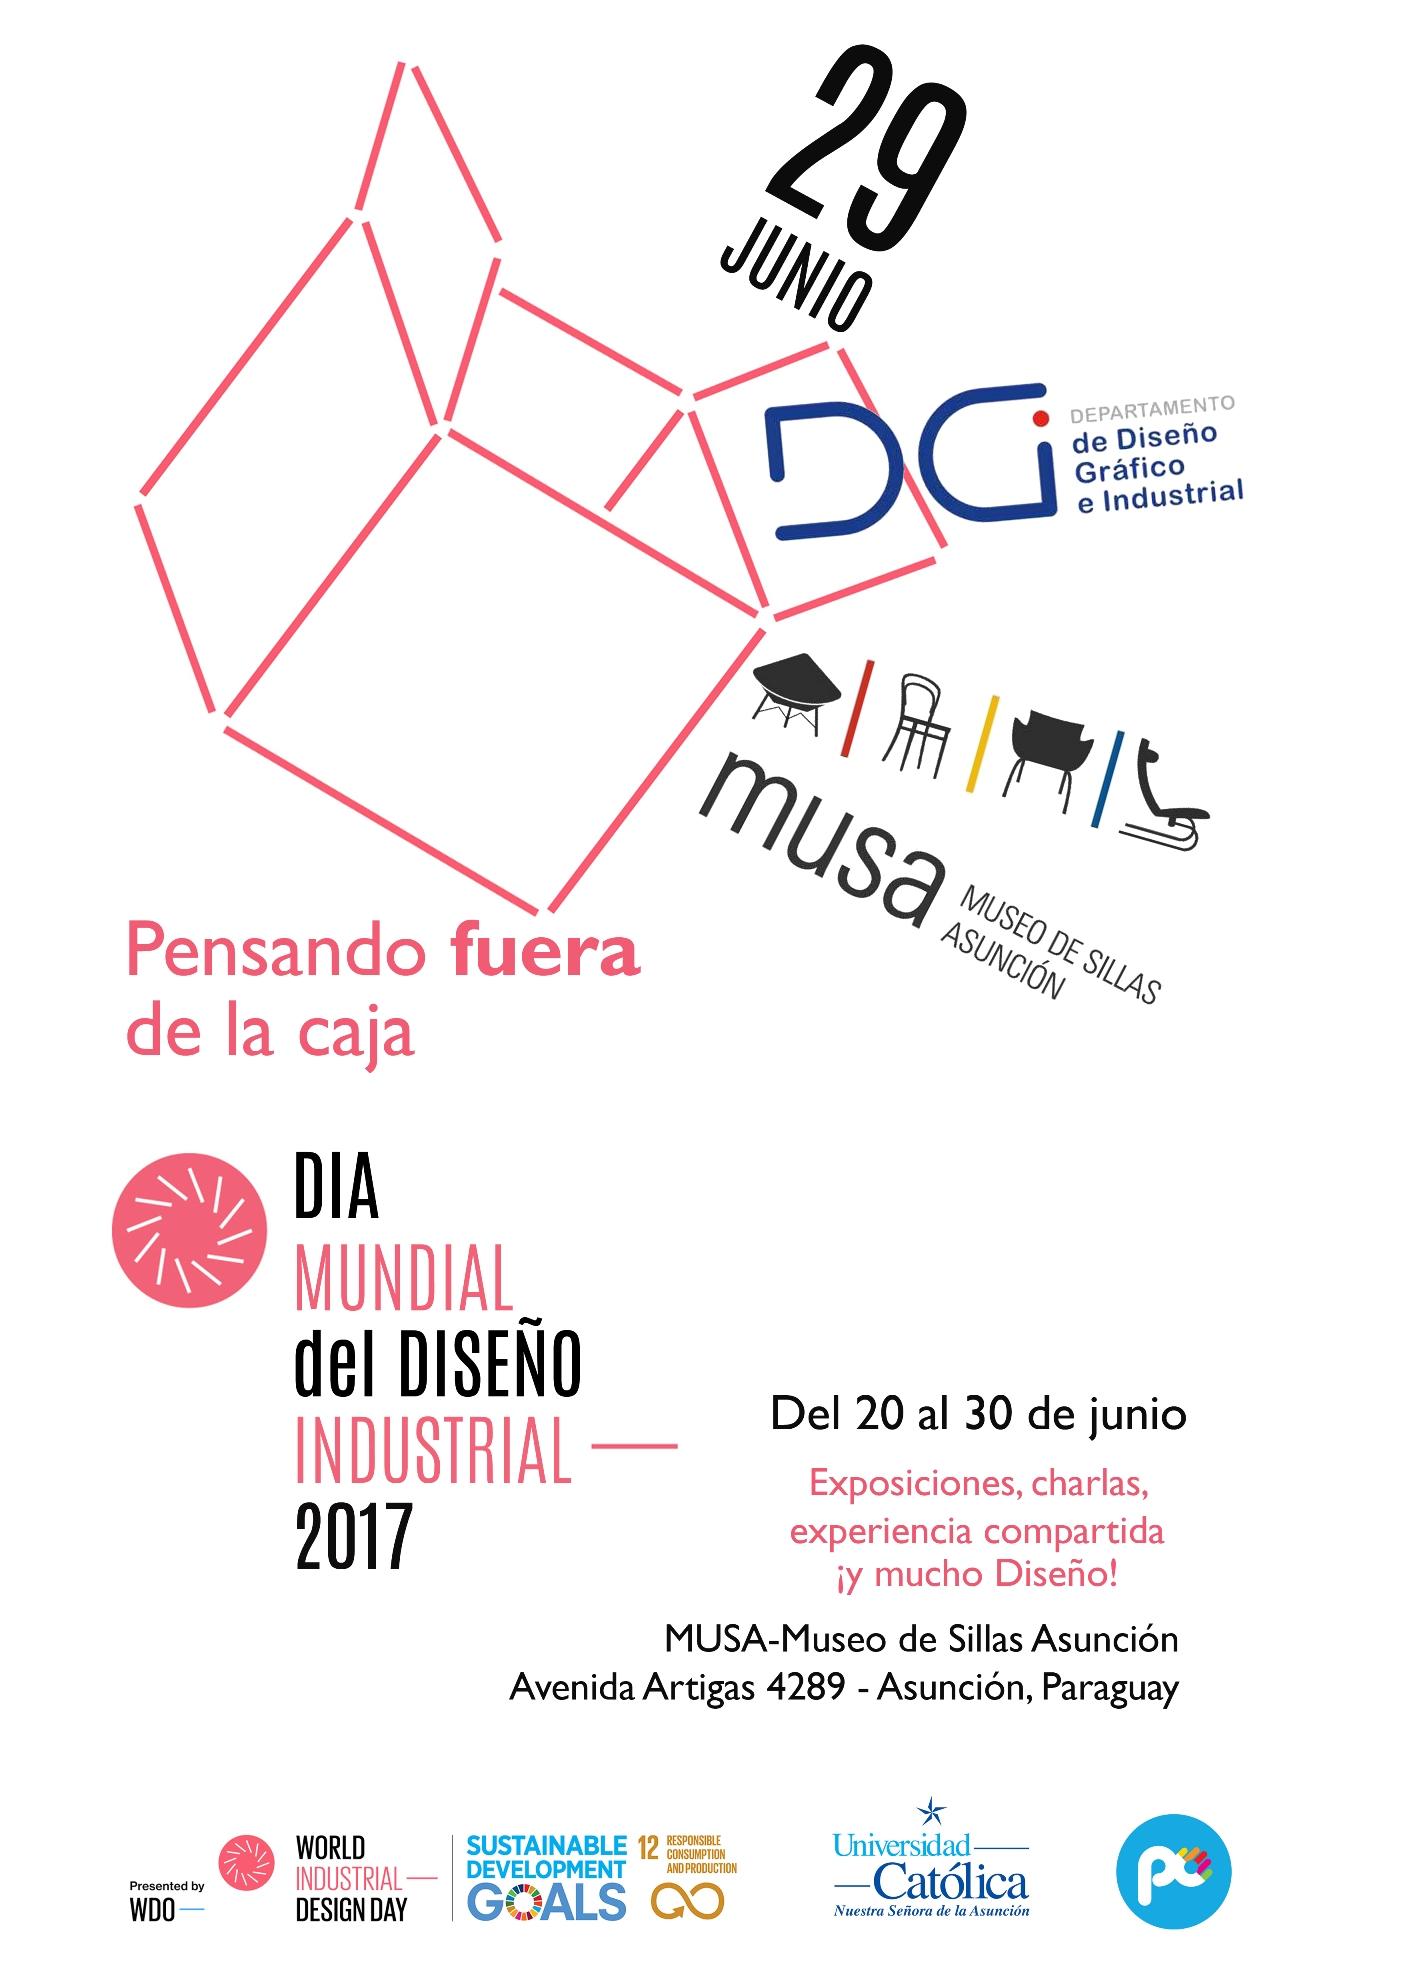 wdo | world industrial design day | world industrial design day 2017